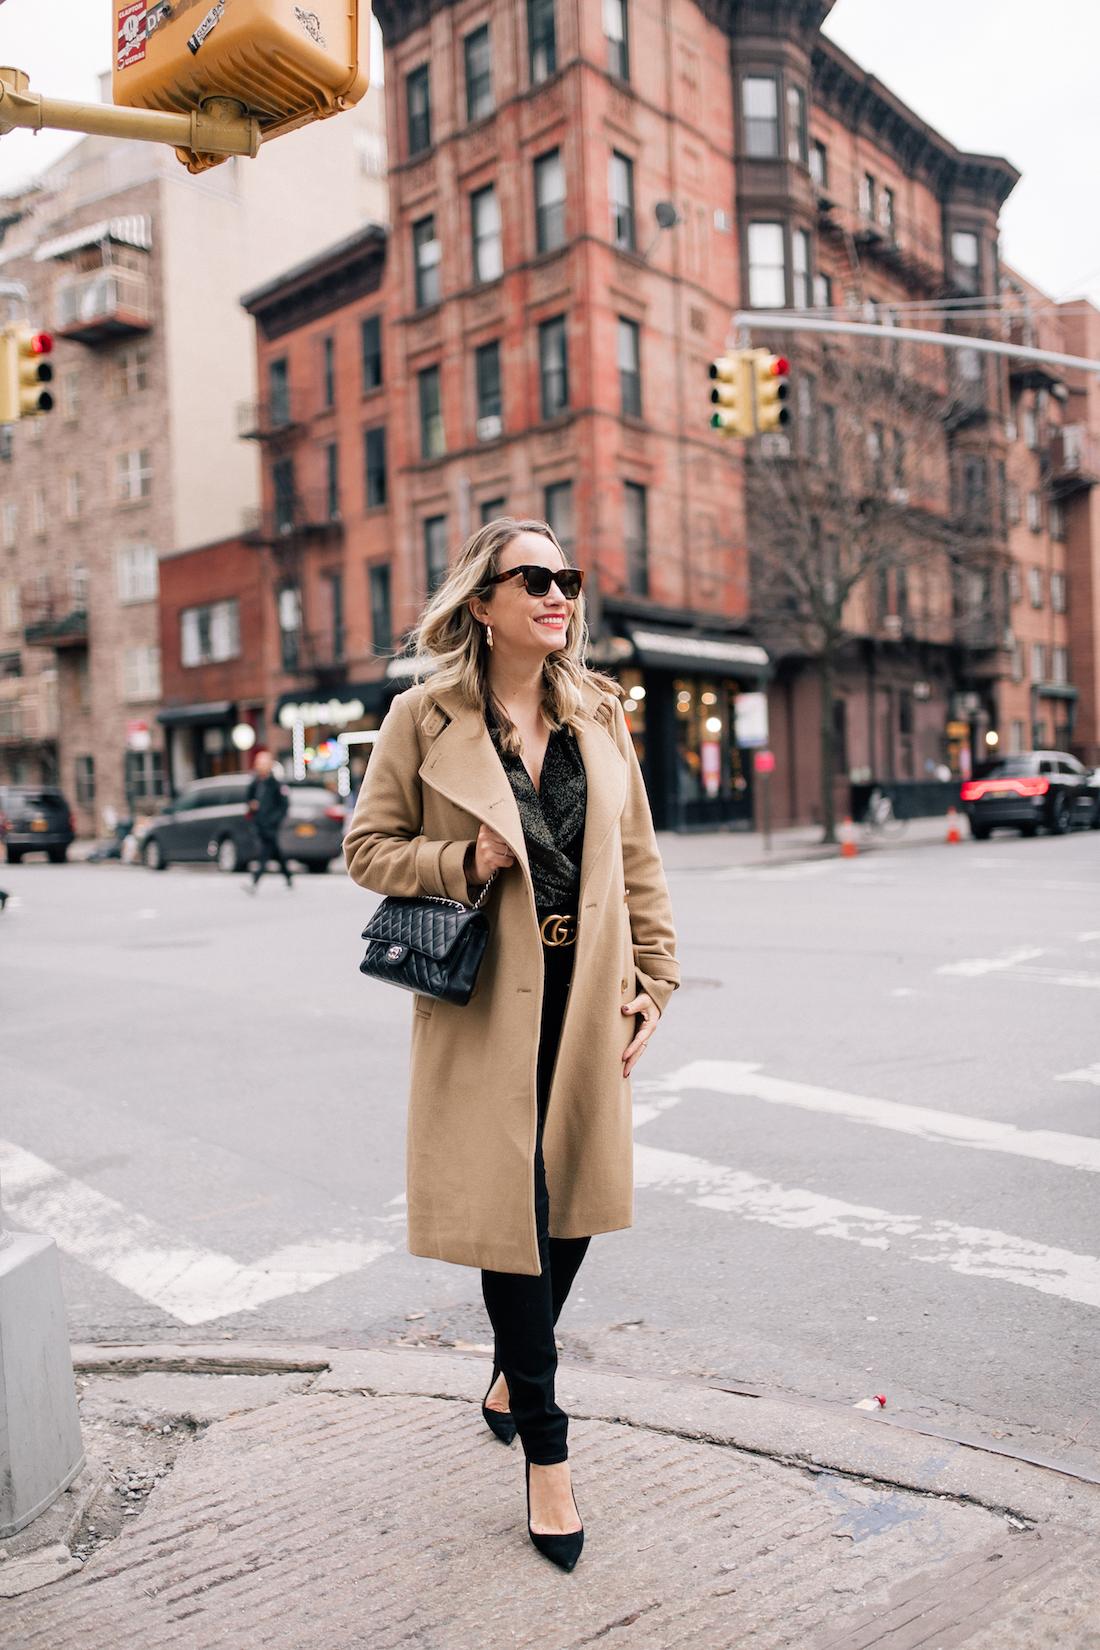 Outfit Details:Vince Coat // Zara Sparkly Velvet Bodysuit // Paige Jeans // Gucci Belt // Chanel Purse // Manolo Blahnik Pumps // Celine Sunglasses (exact) // BaubleBar Hoop Earrings